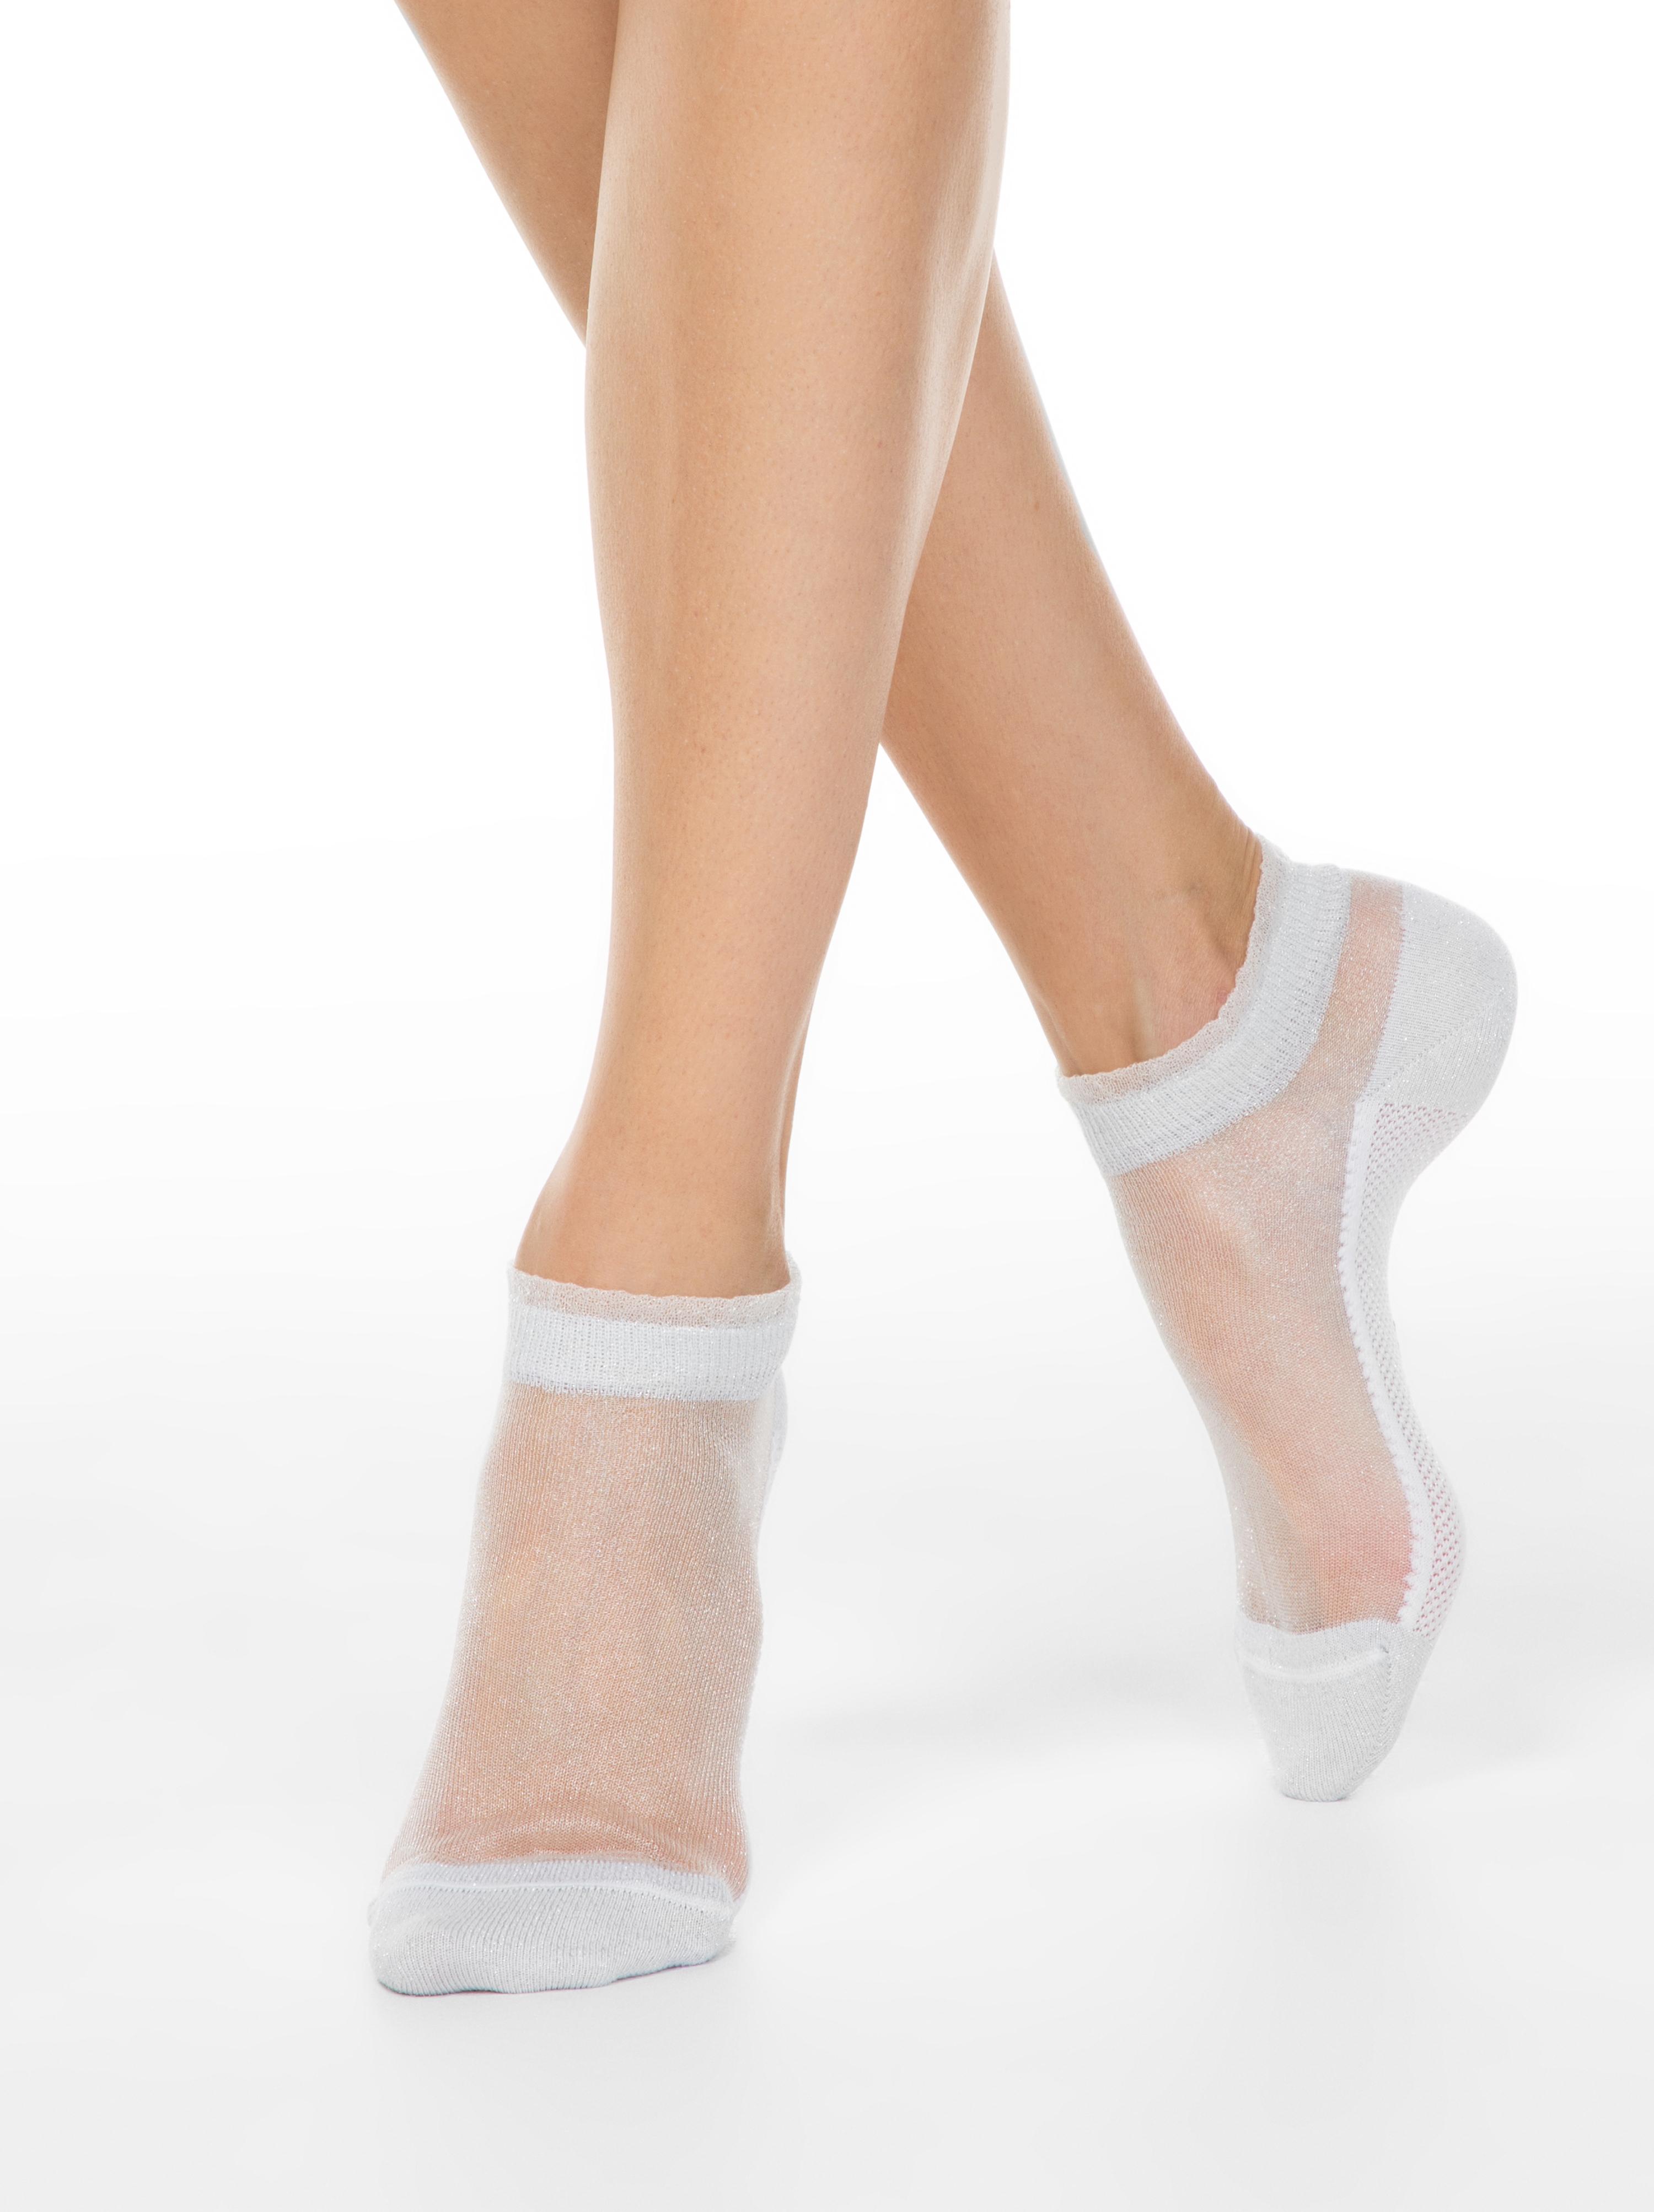 Носки женские ⭐️ Короткие прозрачные носки ACTIVE с люрексом ⭐️